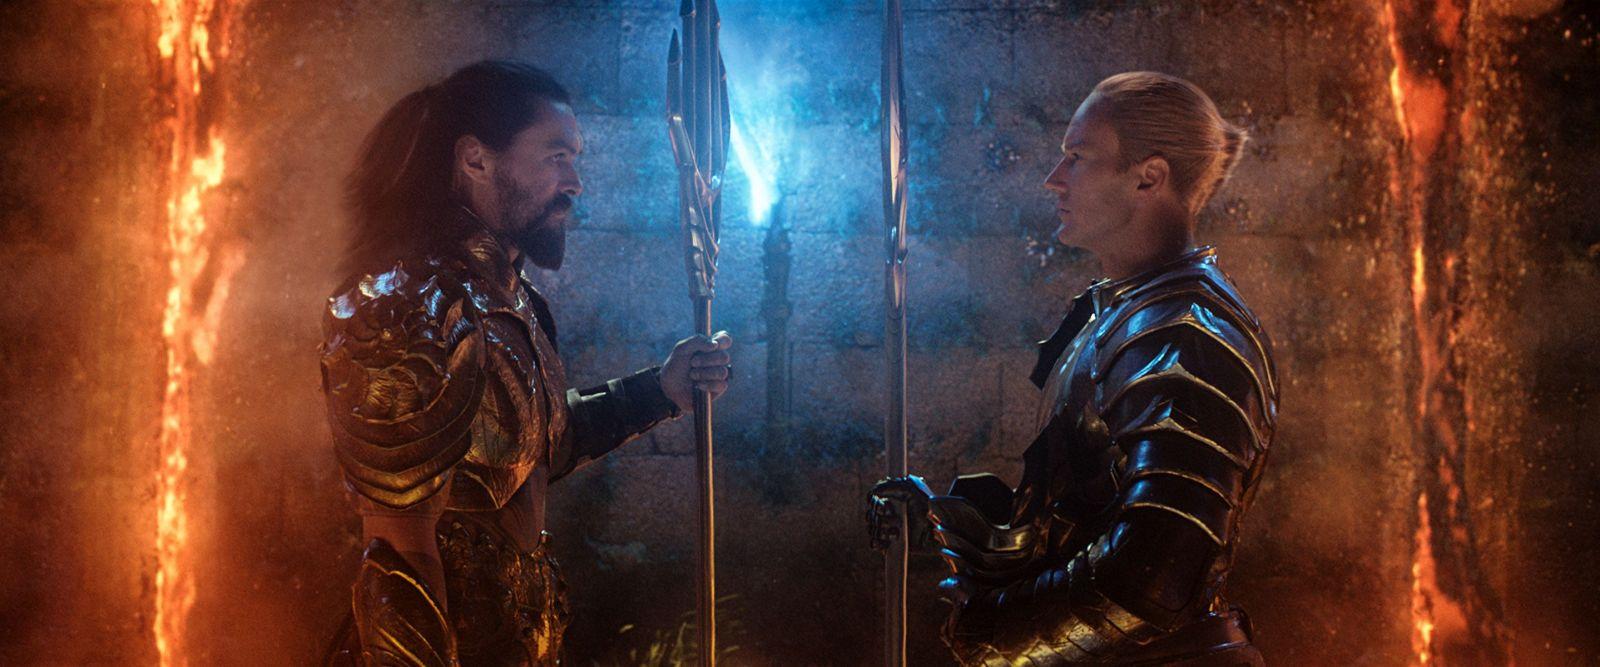 Aquaman je najúspešnejším filmom z DCEU! Tržbami už pomaly mieri k hranici jednej miliardy